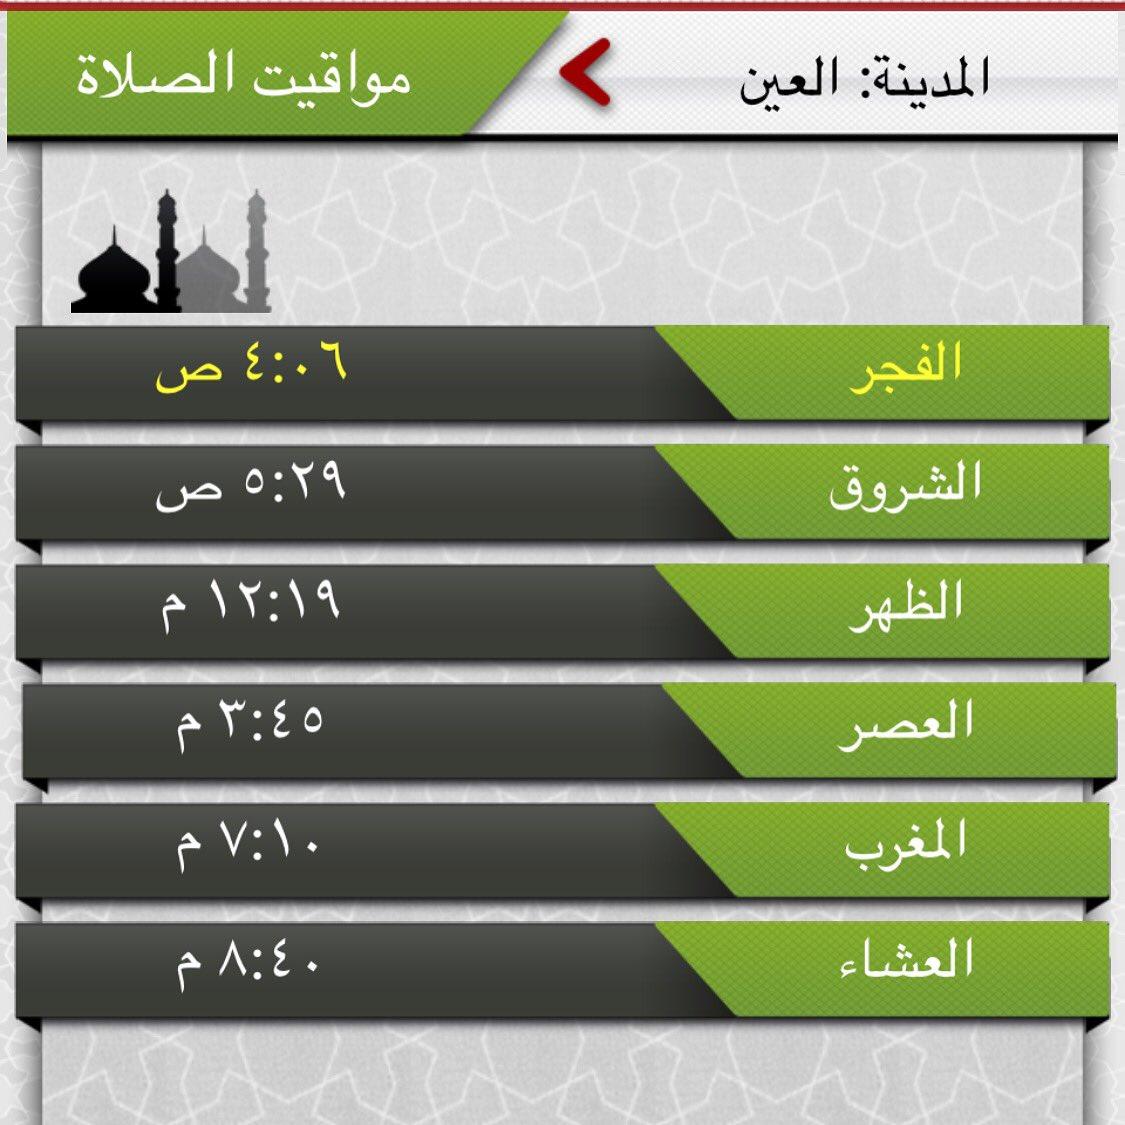 مدينة العين On Twitter حان الآن موعد صلاة الفجر حسب التوقيت المحلي لمدينة العين وضواحيها